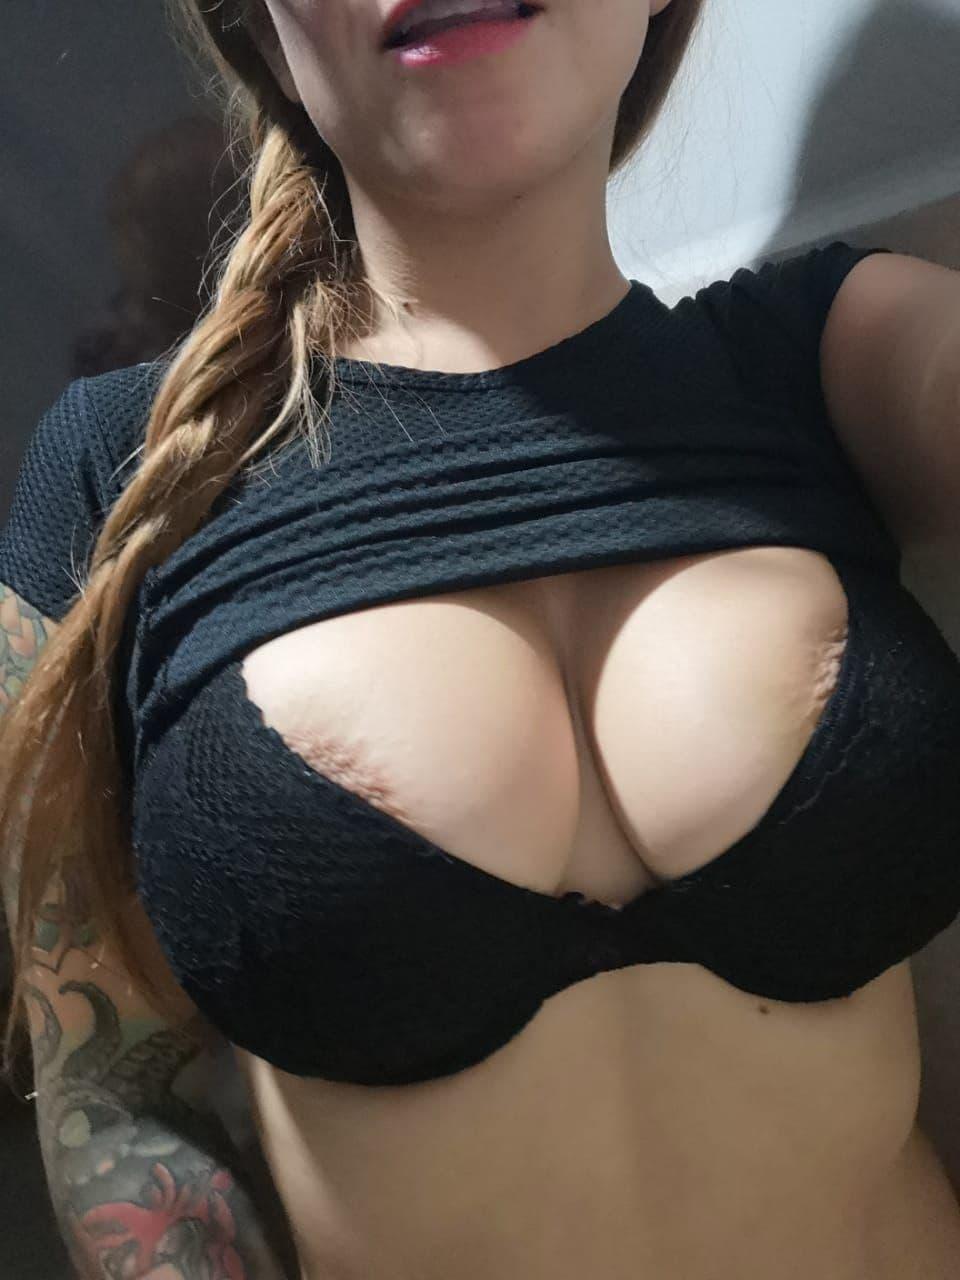 Deliciciosa Blanquita con todas sus cososotas bien ricas. Fotos+ Nudes de infarto.!! 2